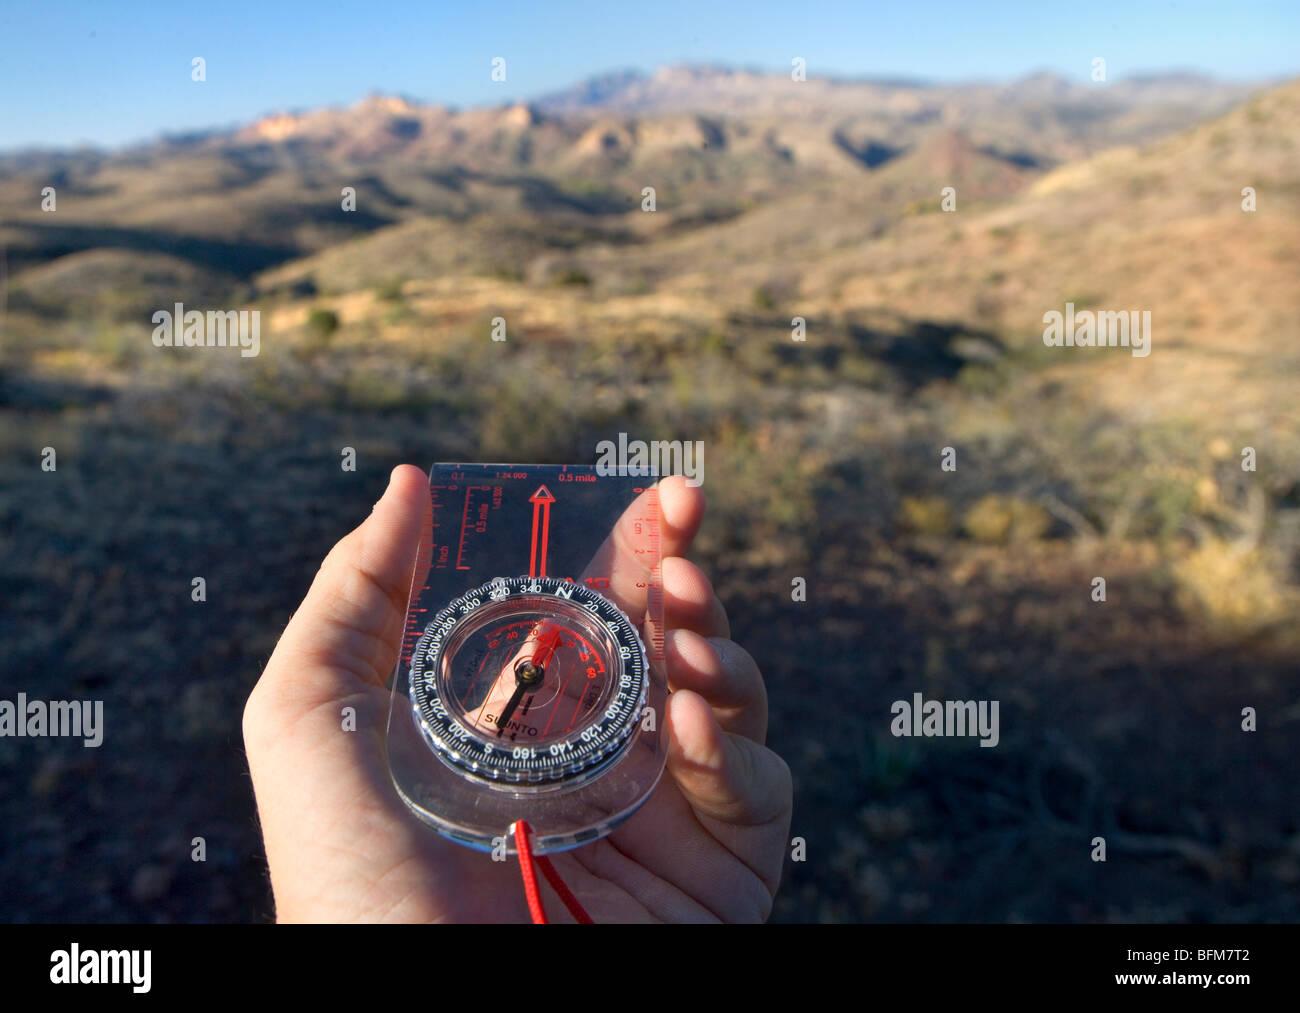 Guardando un escursionismo bussola durante le escursioni. Immagini Stock